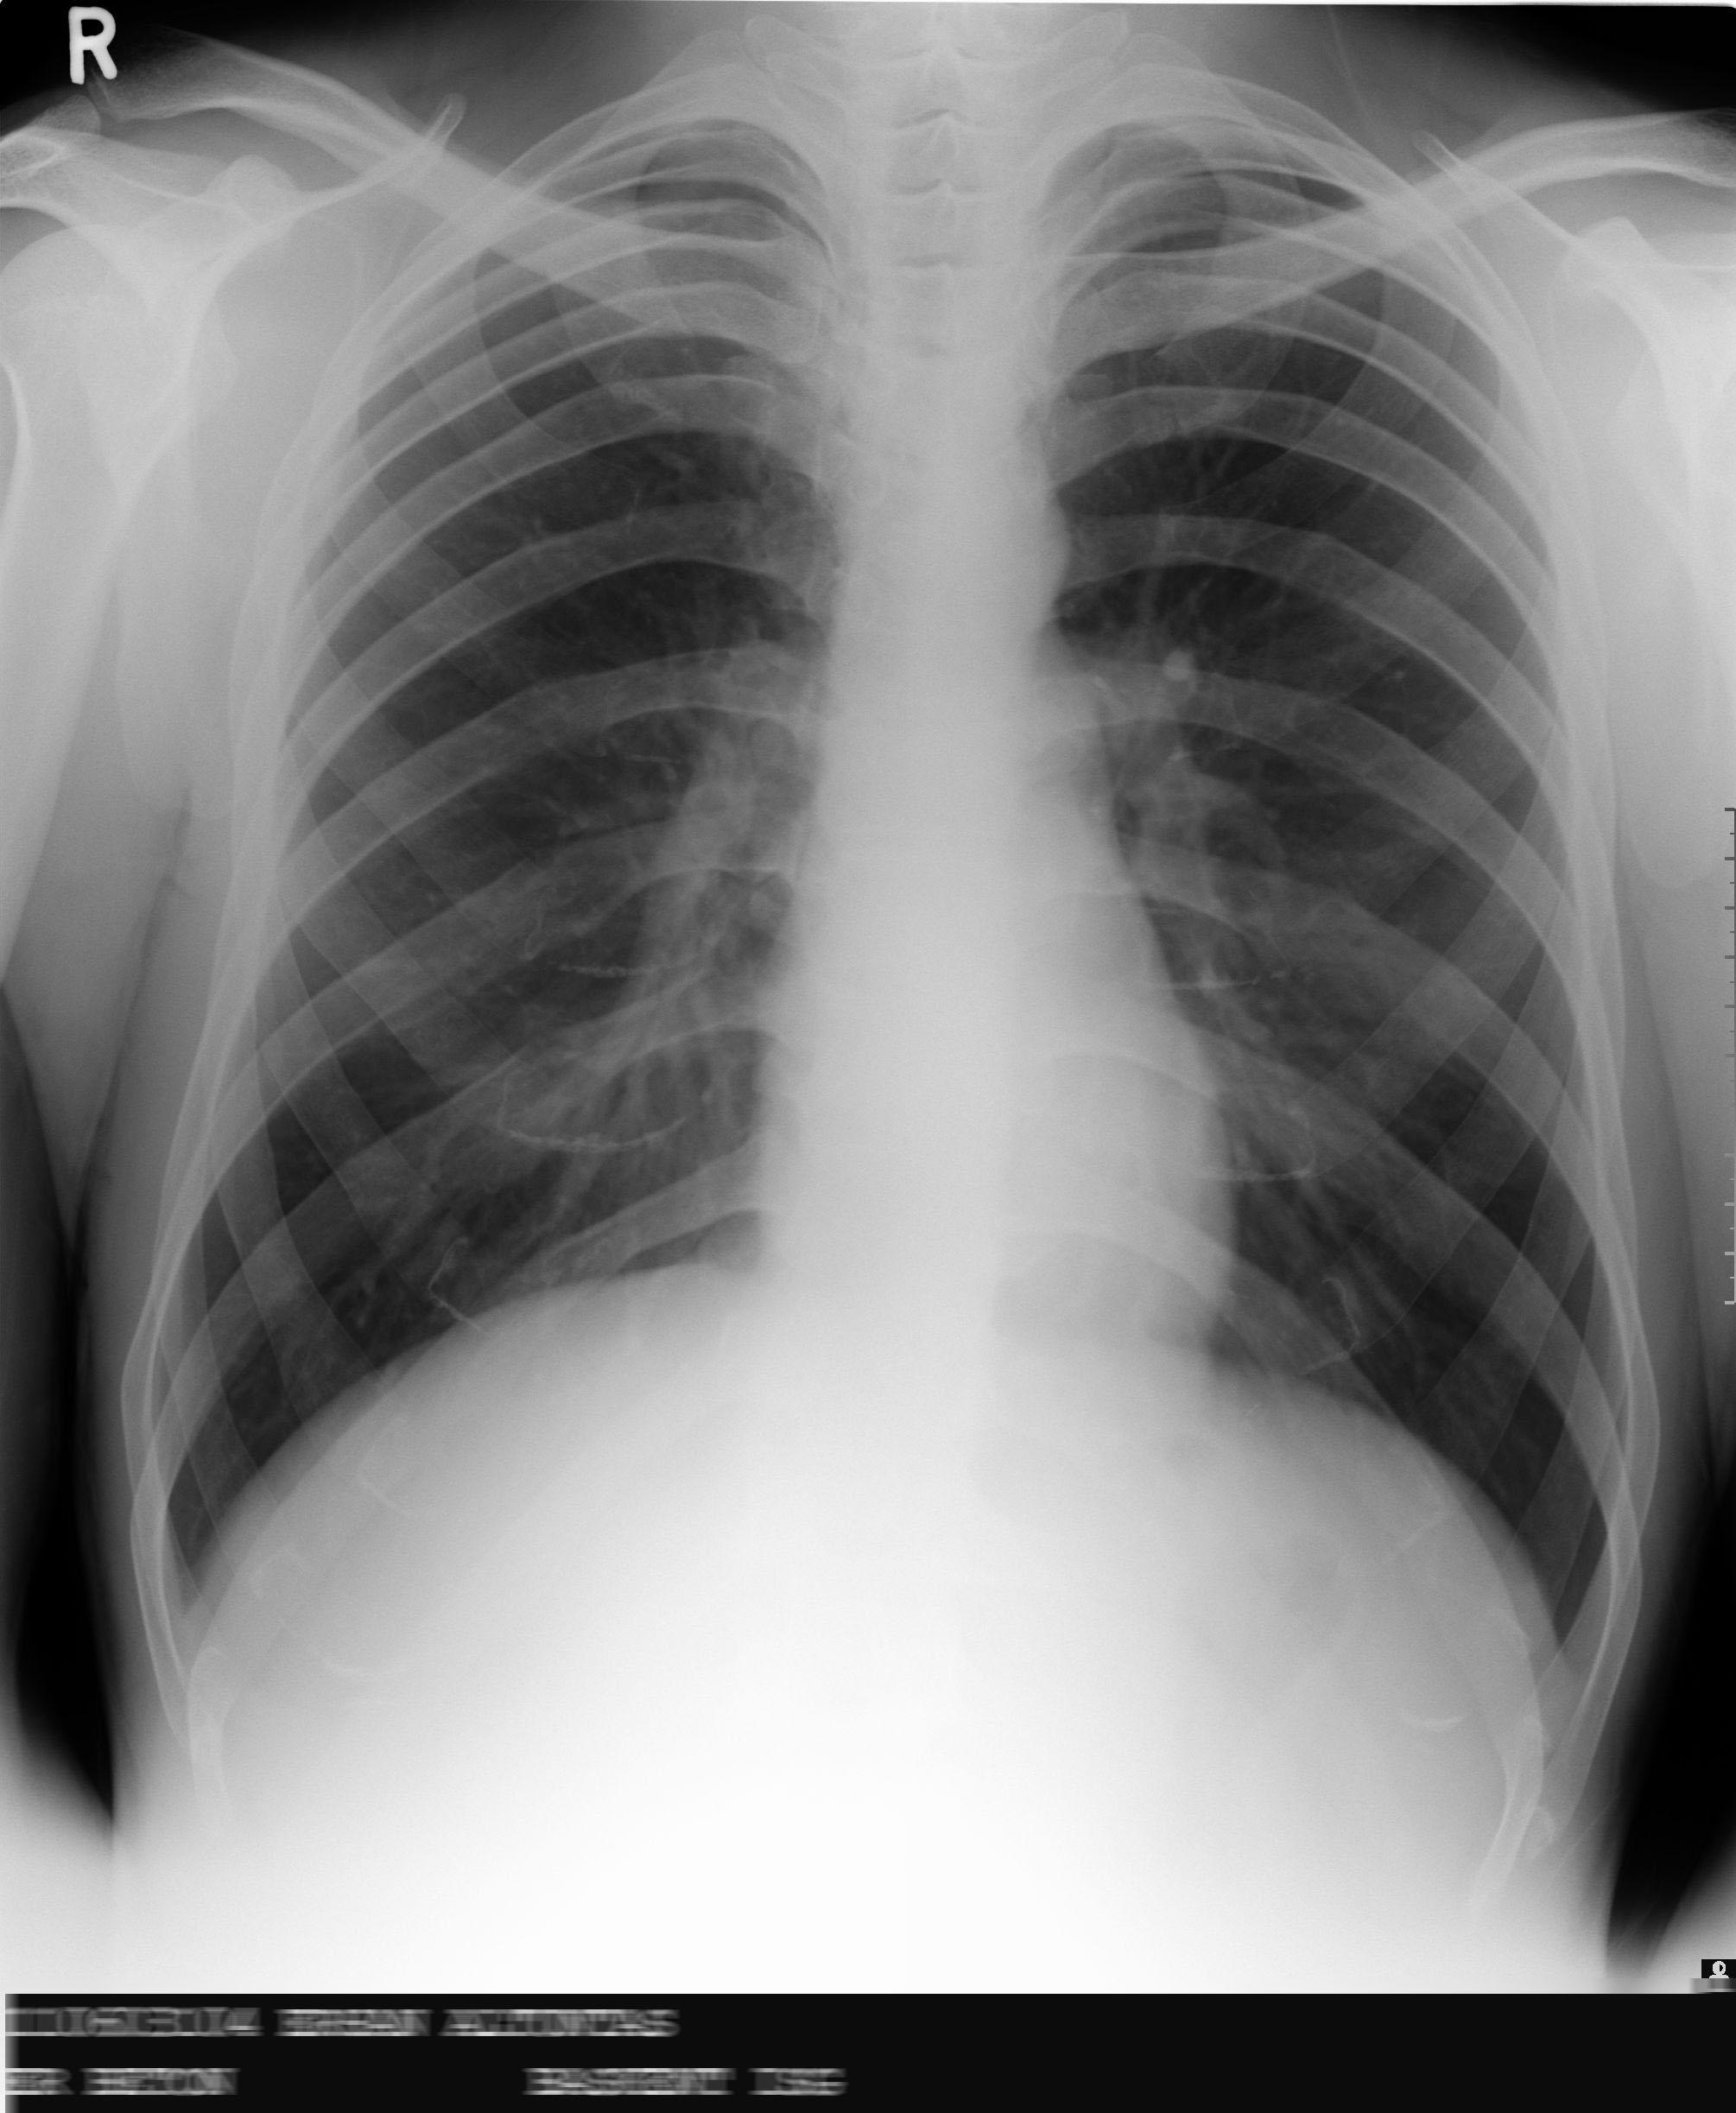 Dijital röntgen cr teknolojisi ile akciğer grafisi